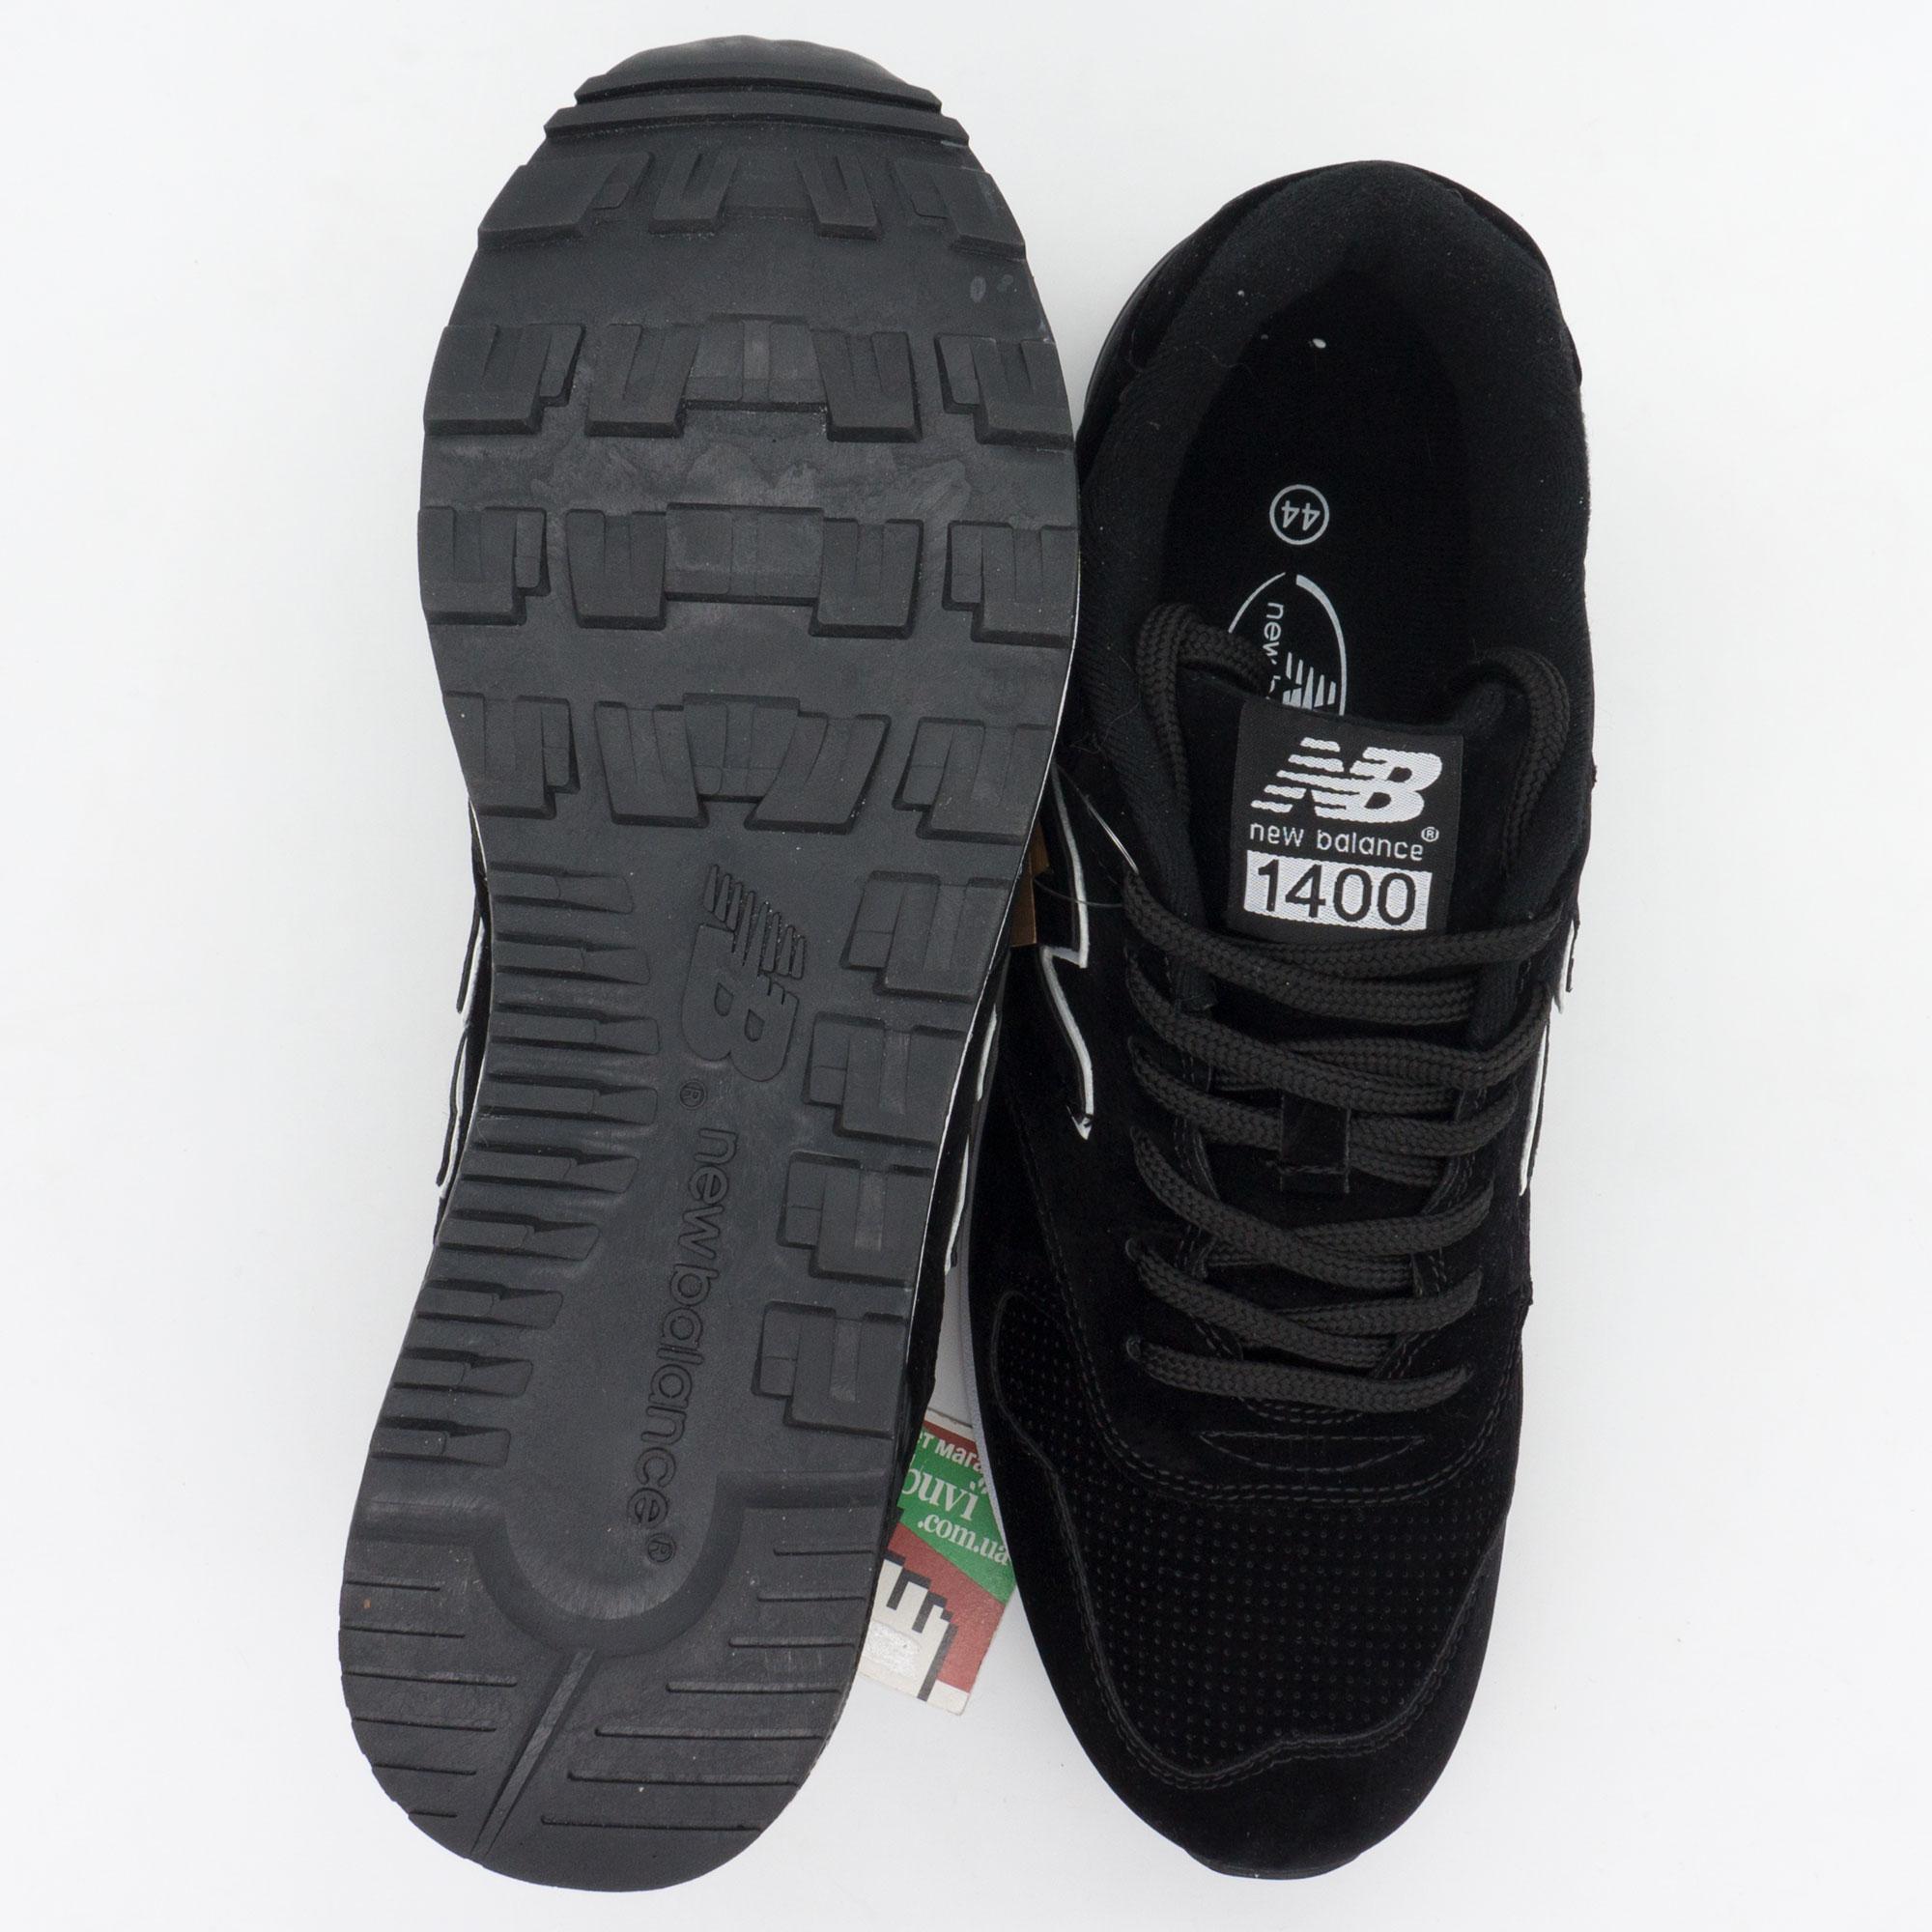 большое фото №6 Мужские кроссовки New Balance 1400 черные